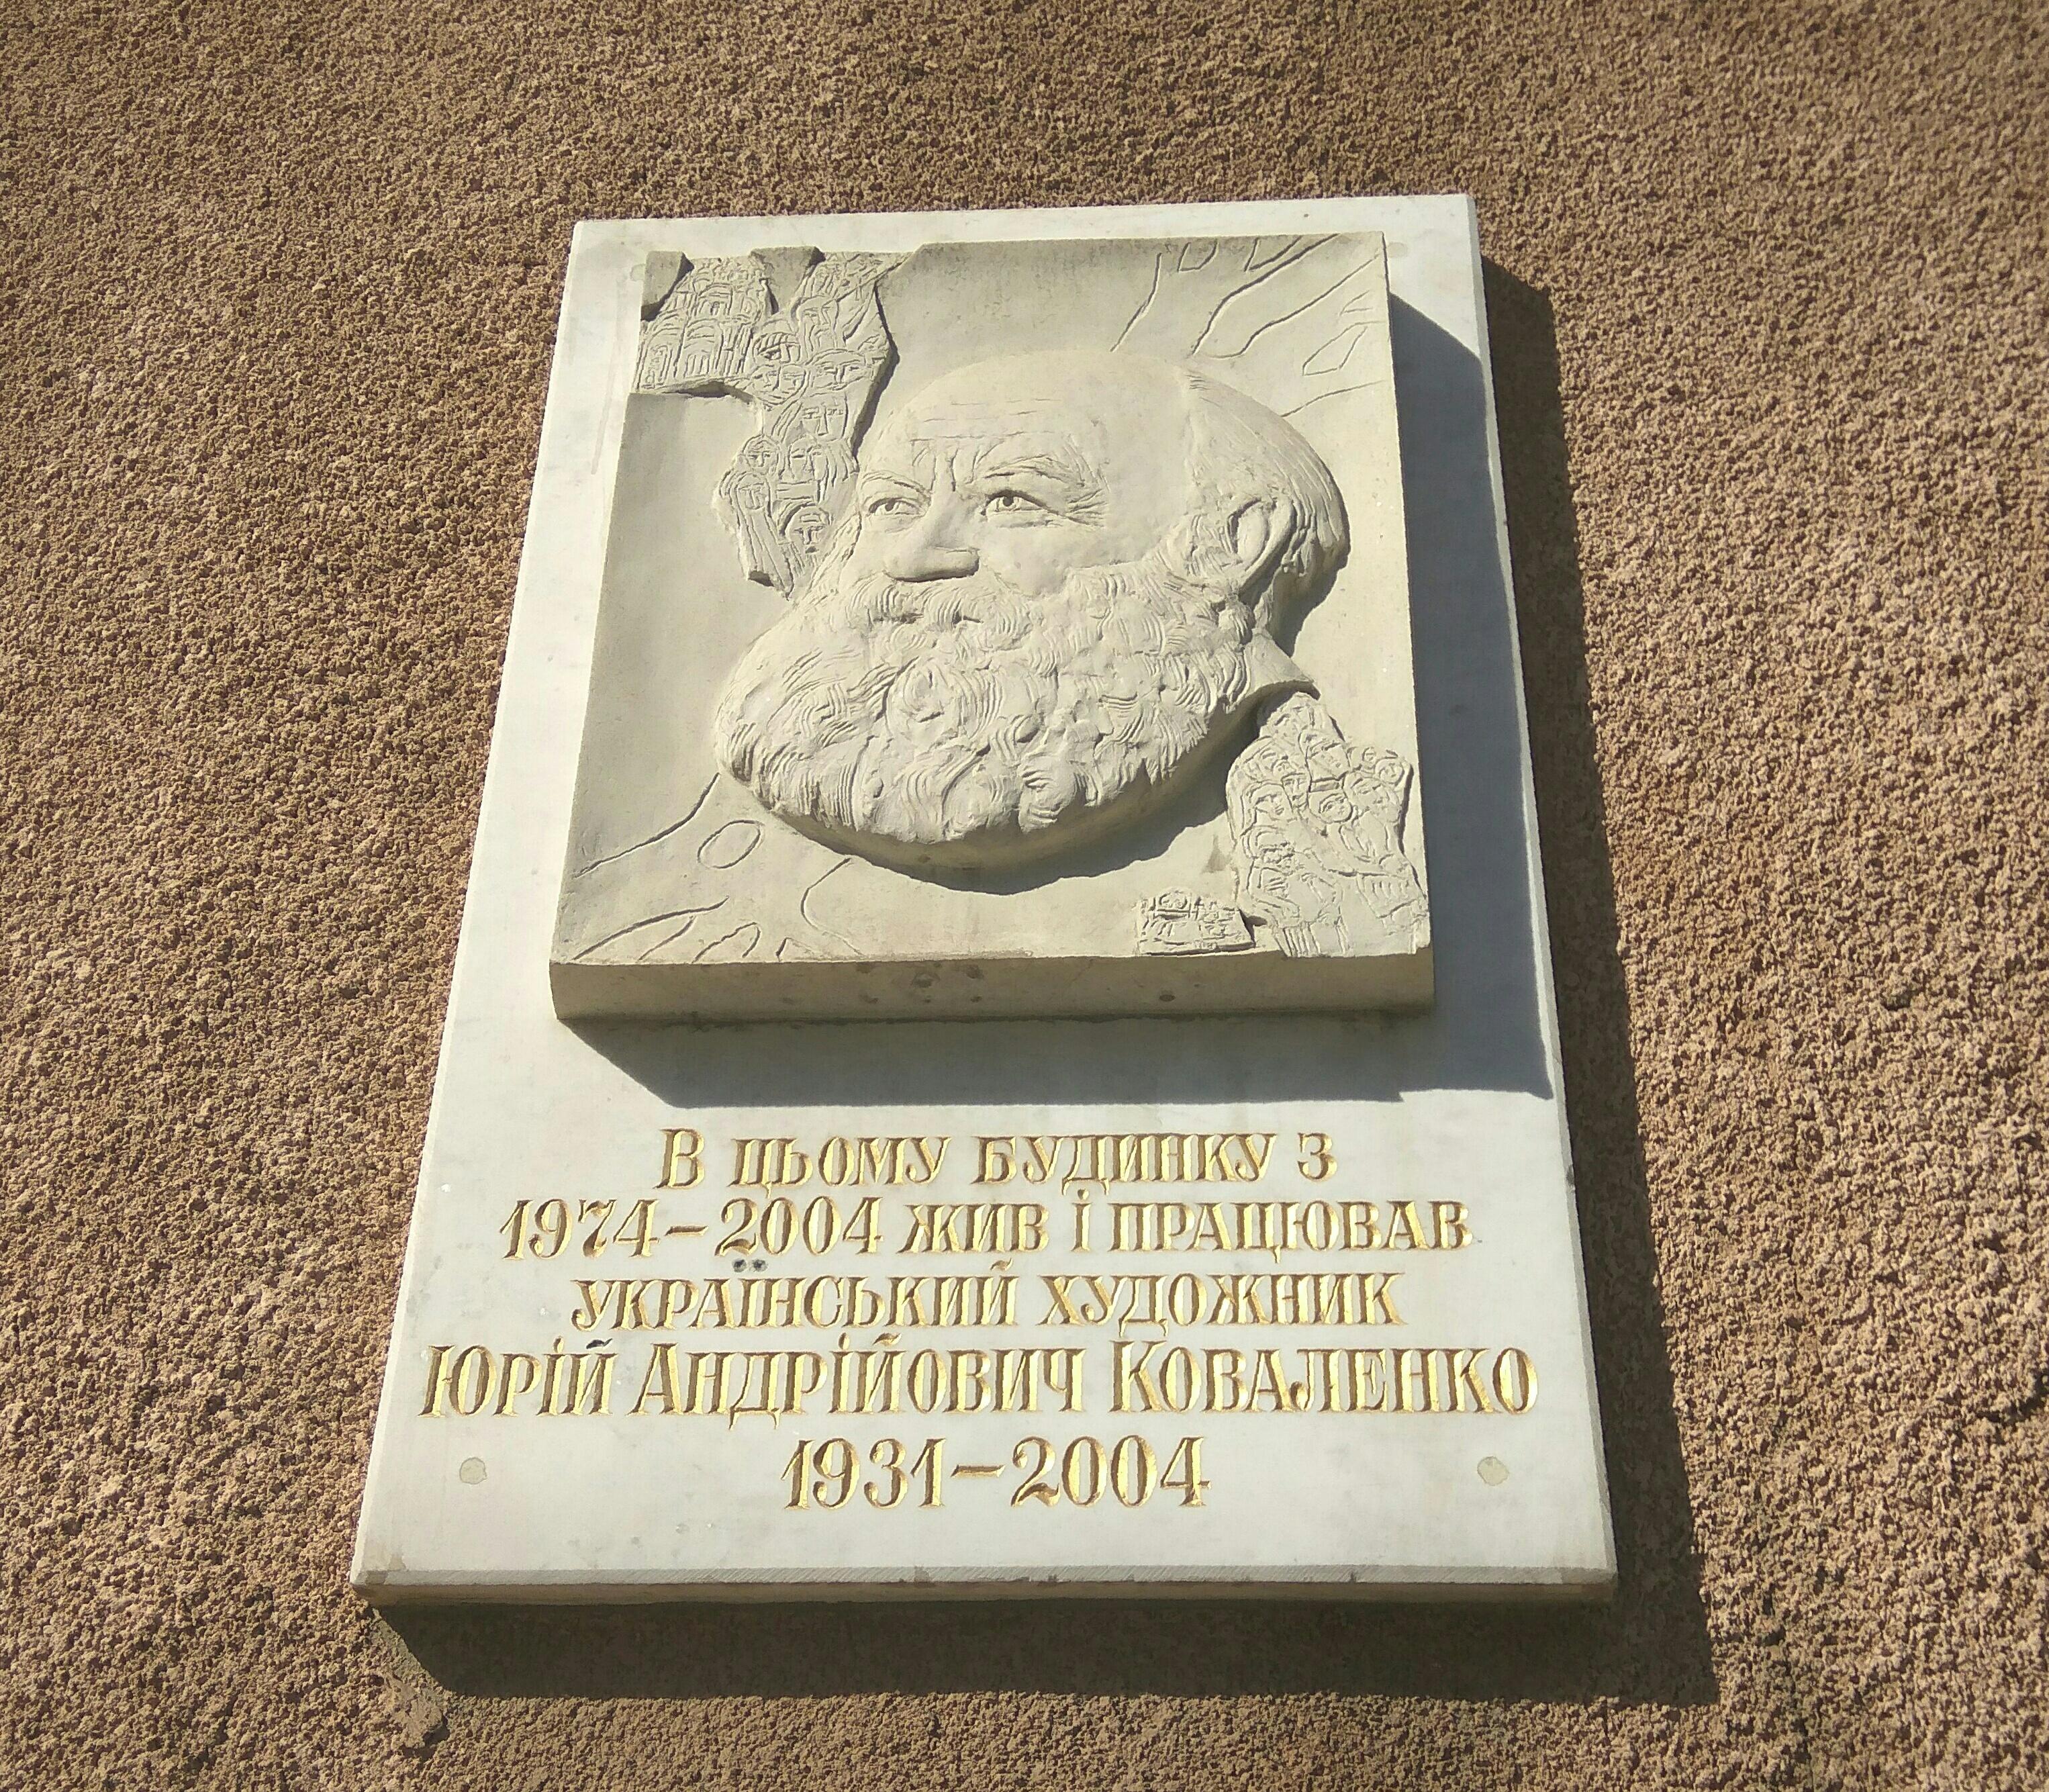 Мемориальная доска Юрия Коваленко, мрамор, 2005. Одесса.